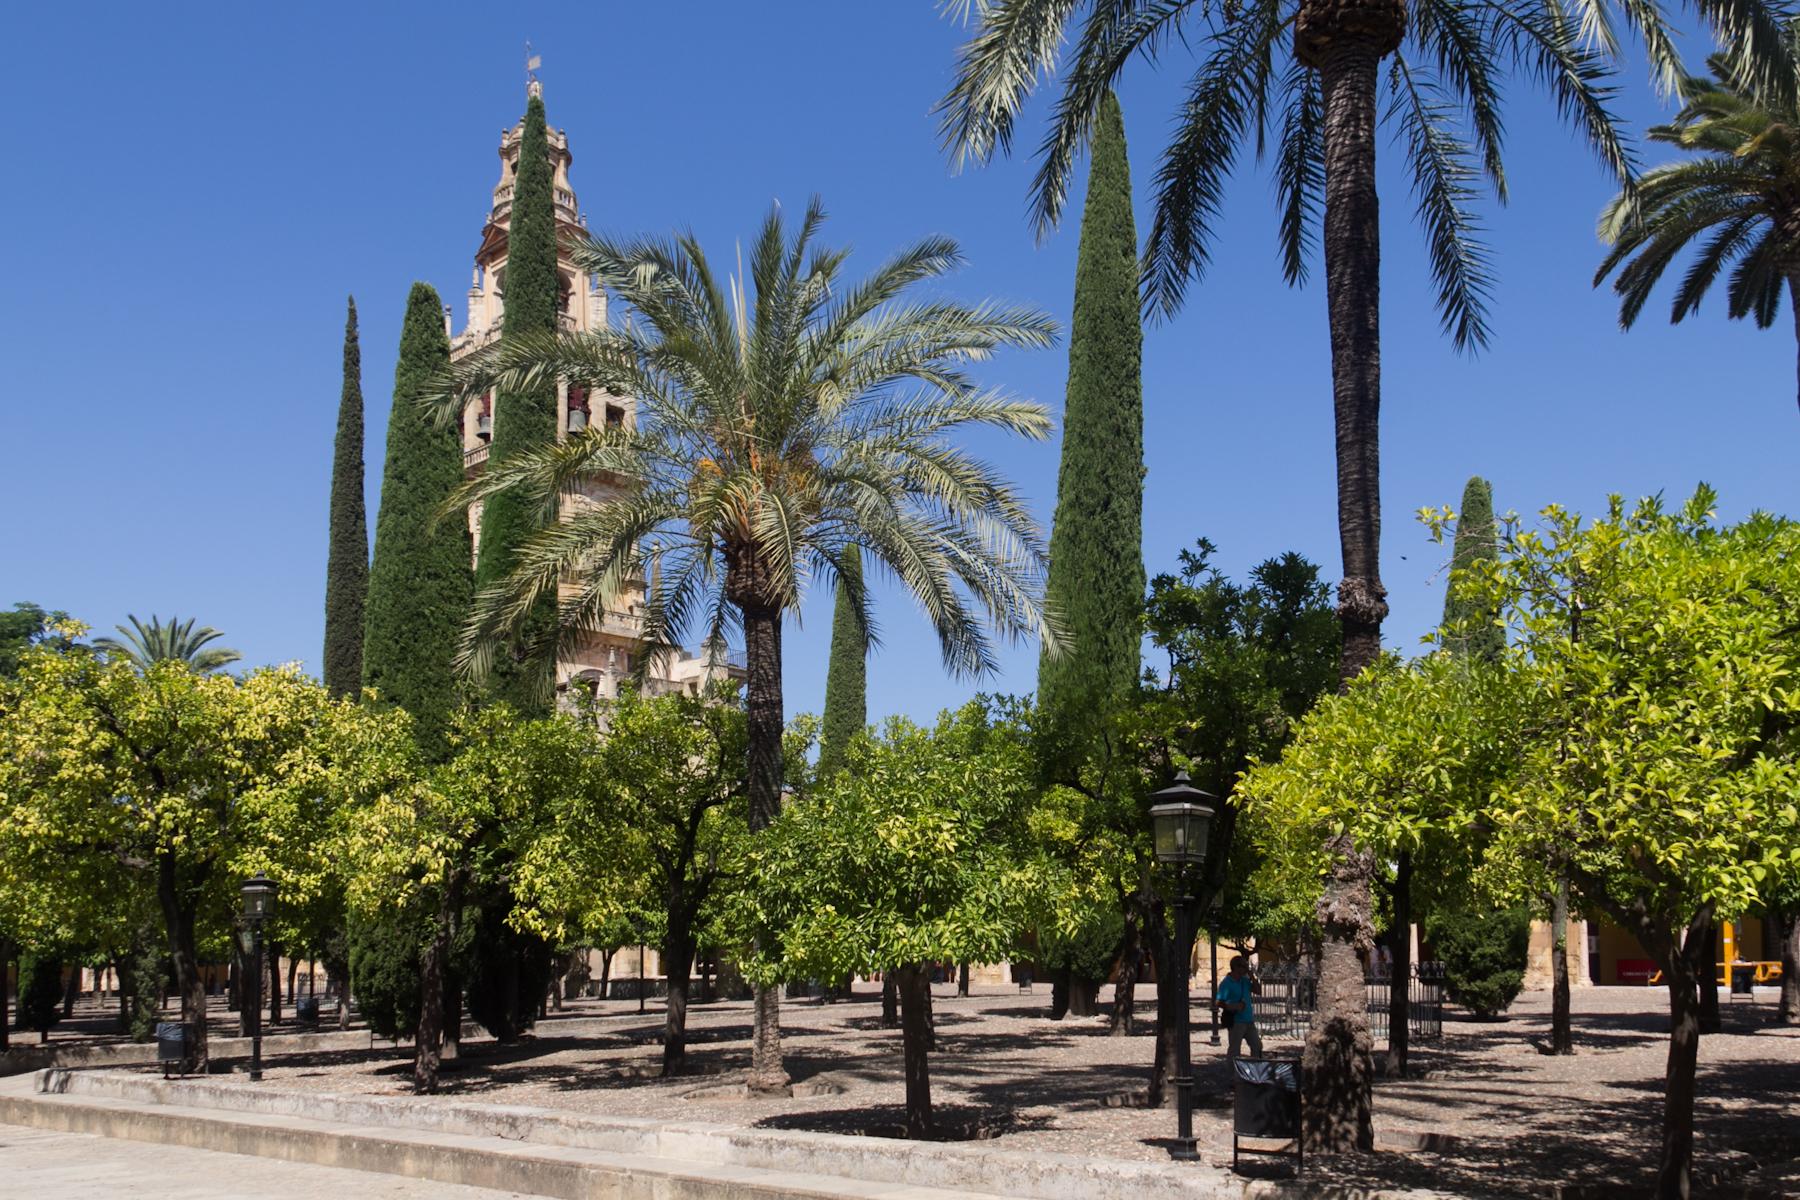 Archivo cordoba july 13 2015 img 3965 21477066614 jpg - Hotel los patios almeria ...